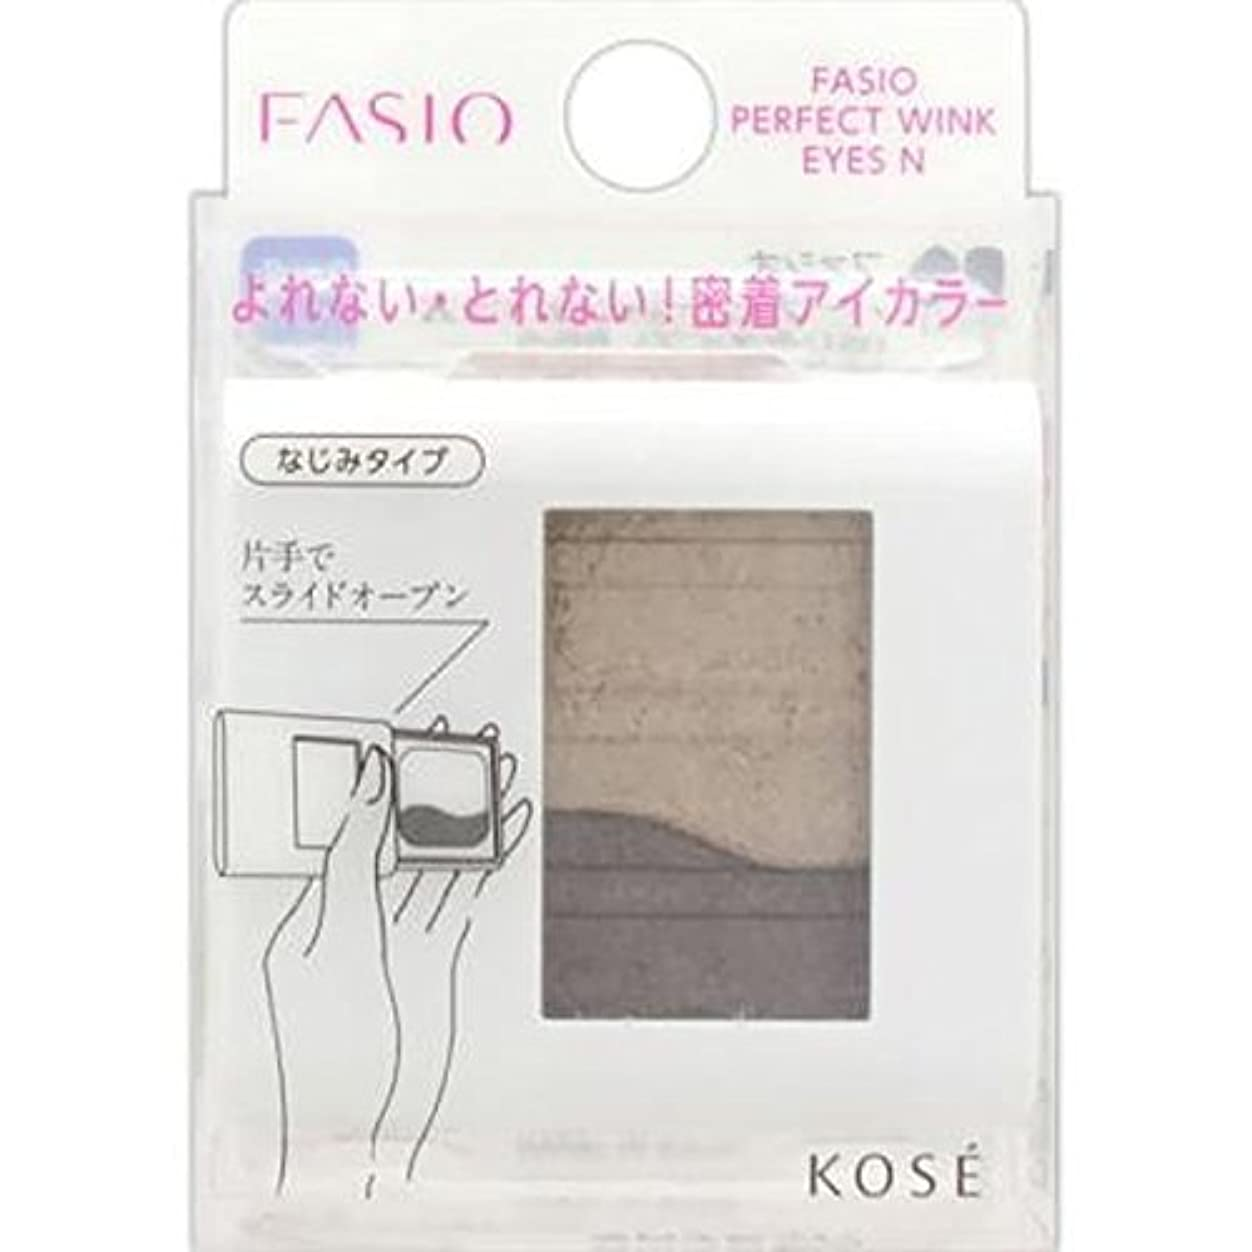 彫る質量宣伝コーセー ファシオ パーフェクトウィンクアイズ N #006 1.7g